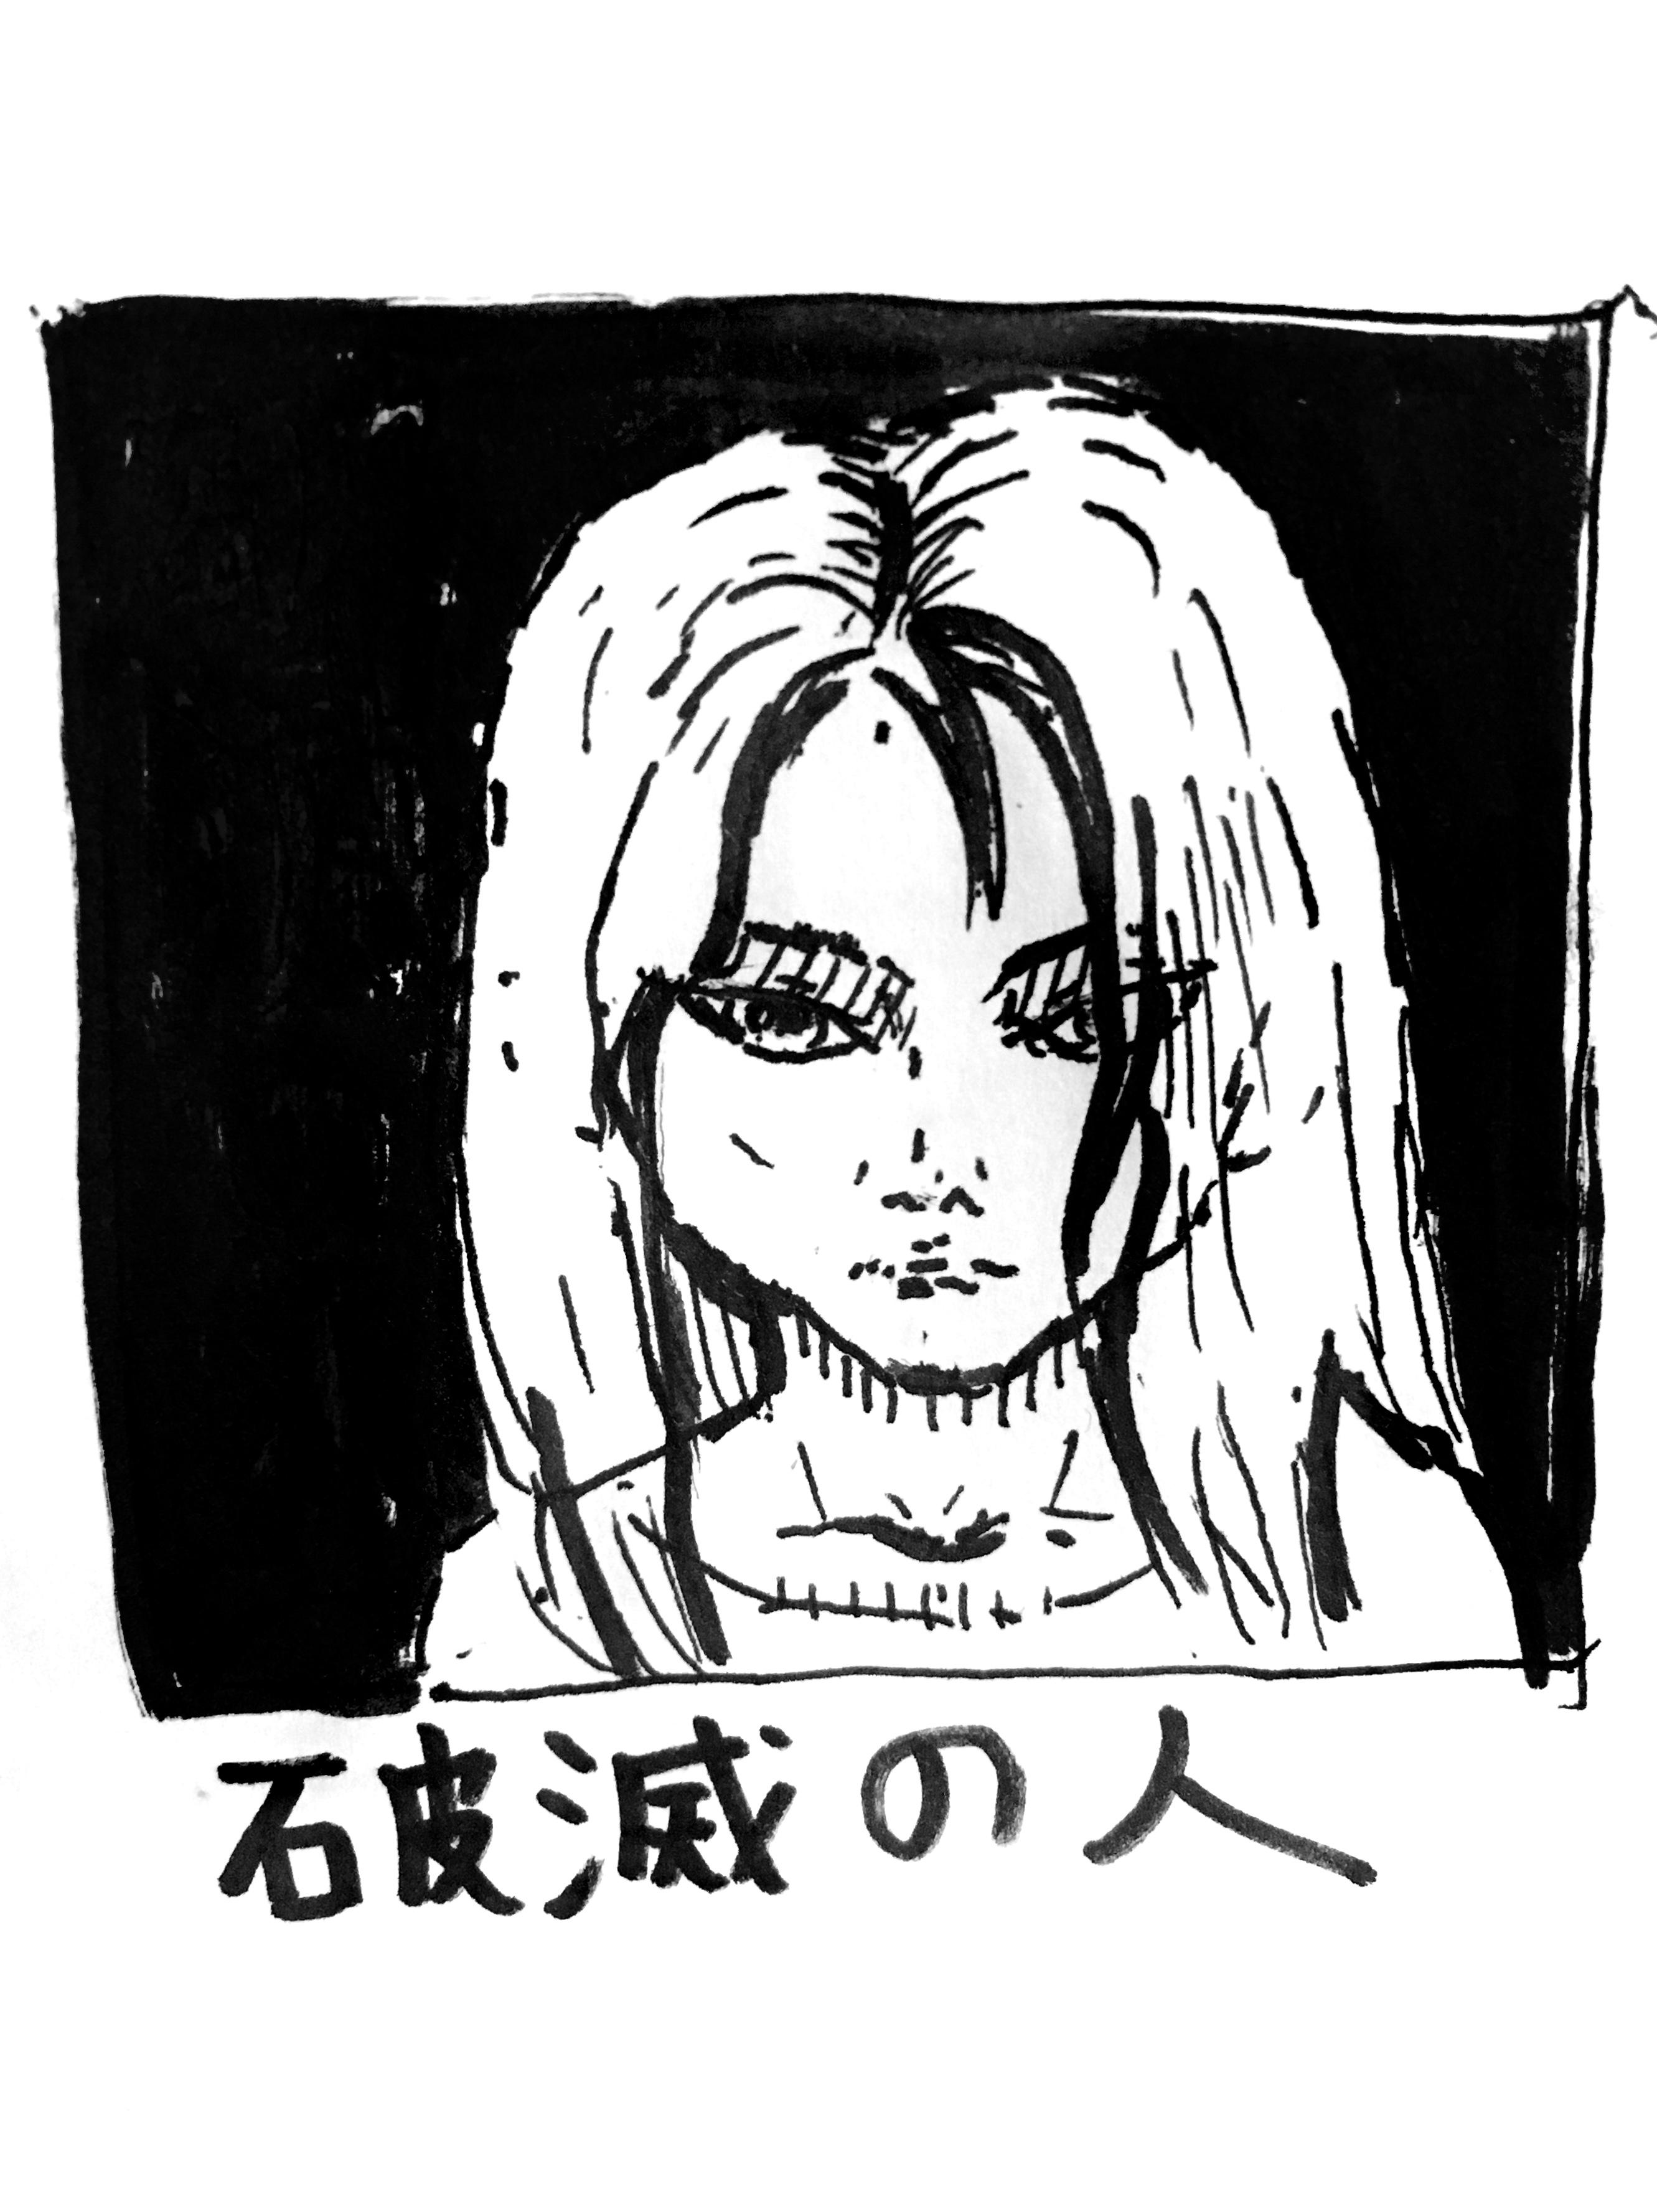 90年代アニメのYOSHIKI図鑑